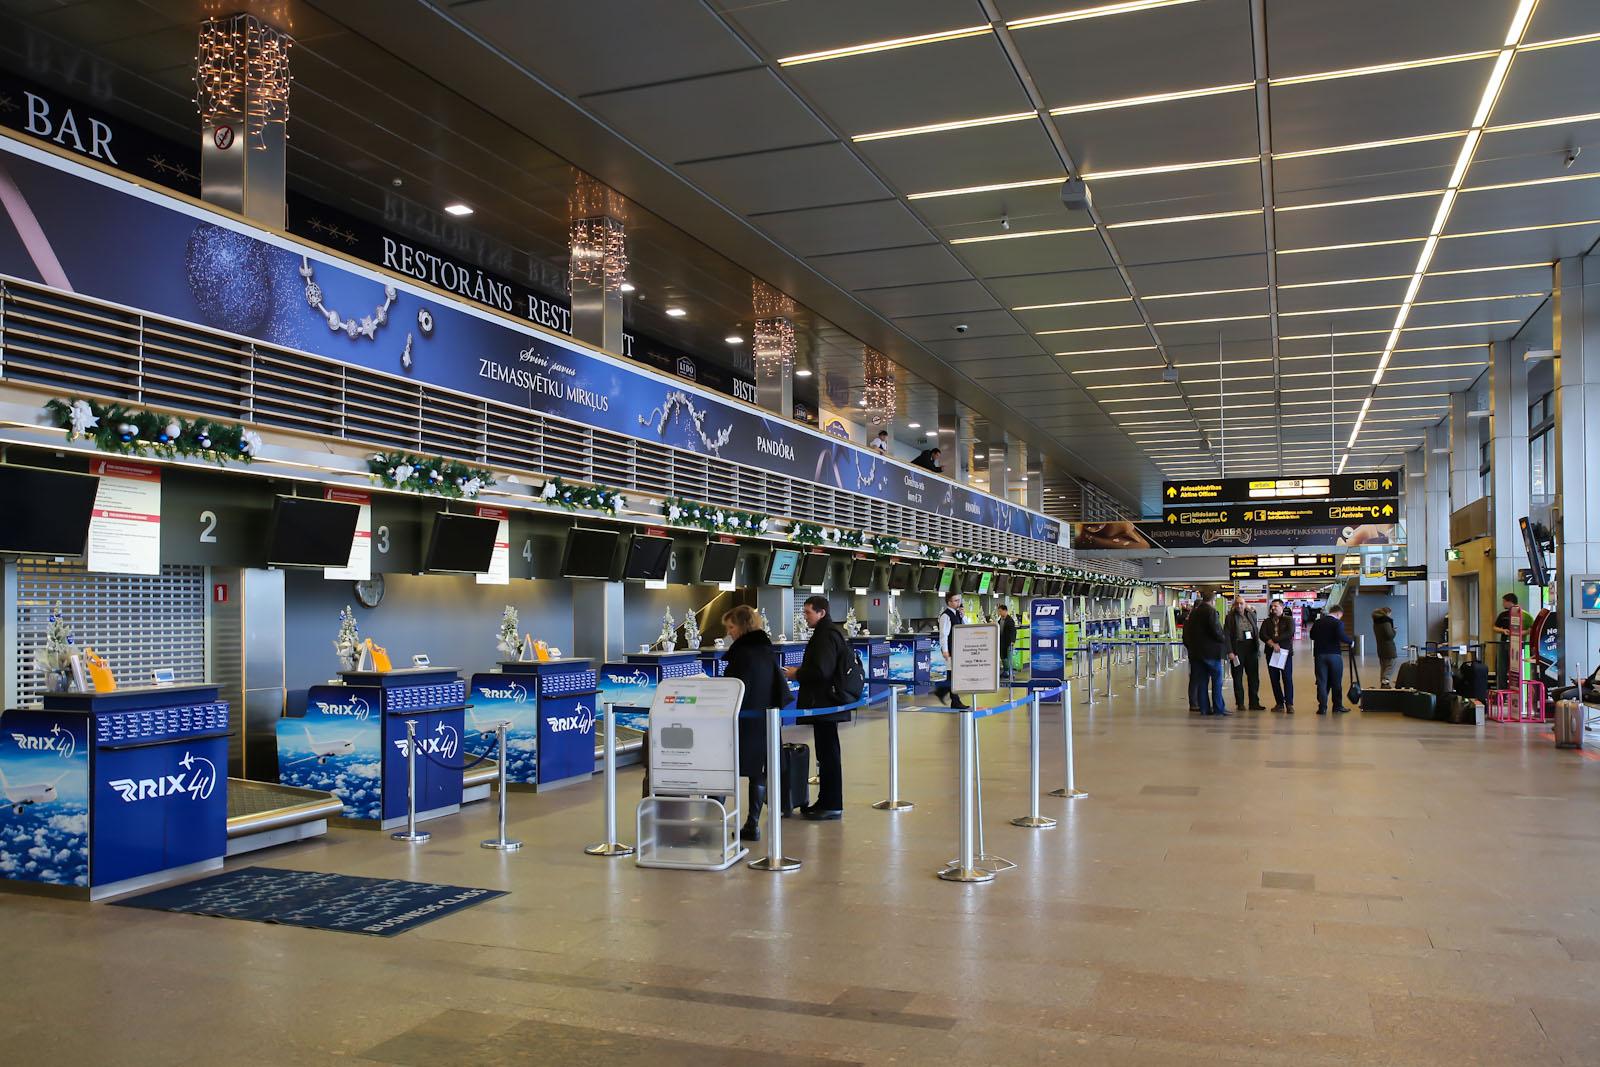 Зона регистрации на вылетающие рейсы в аэропорту Рига